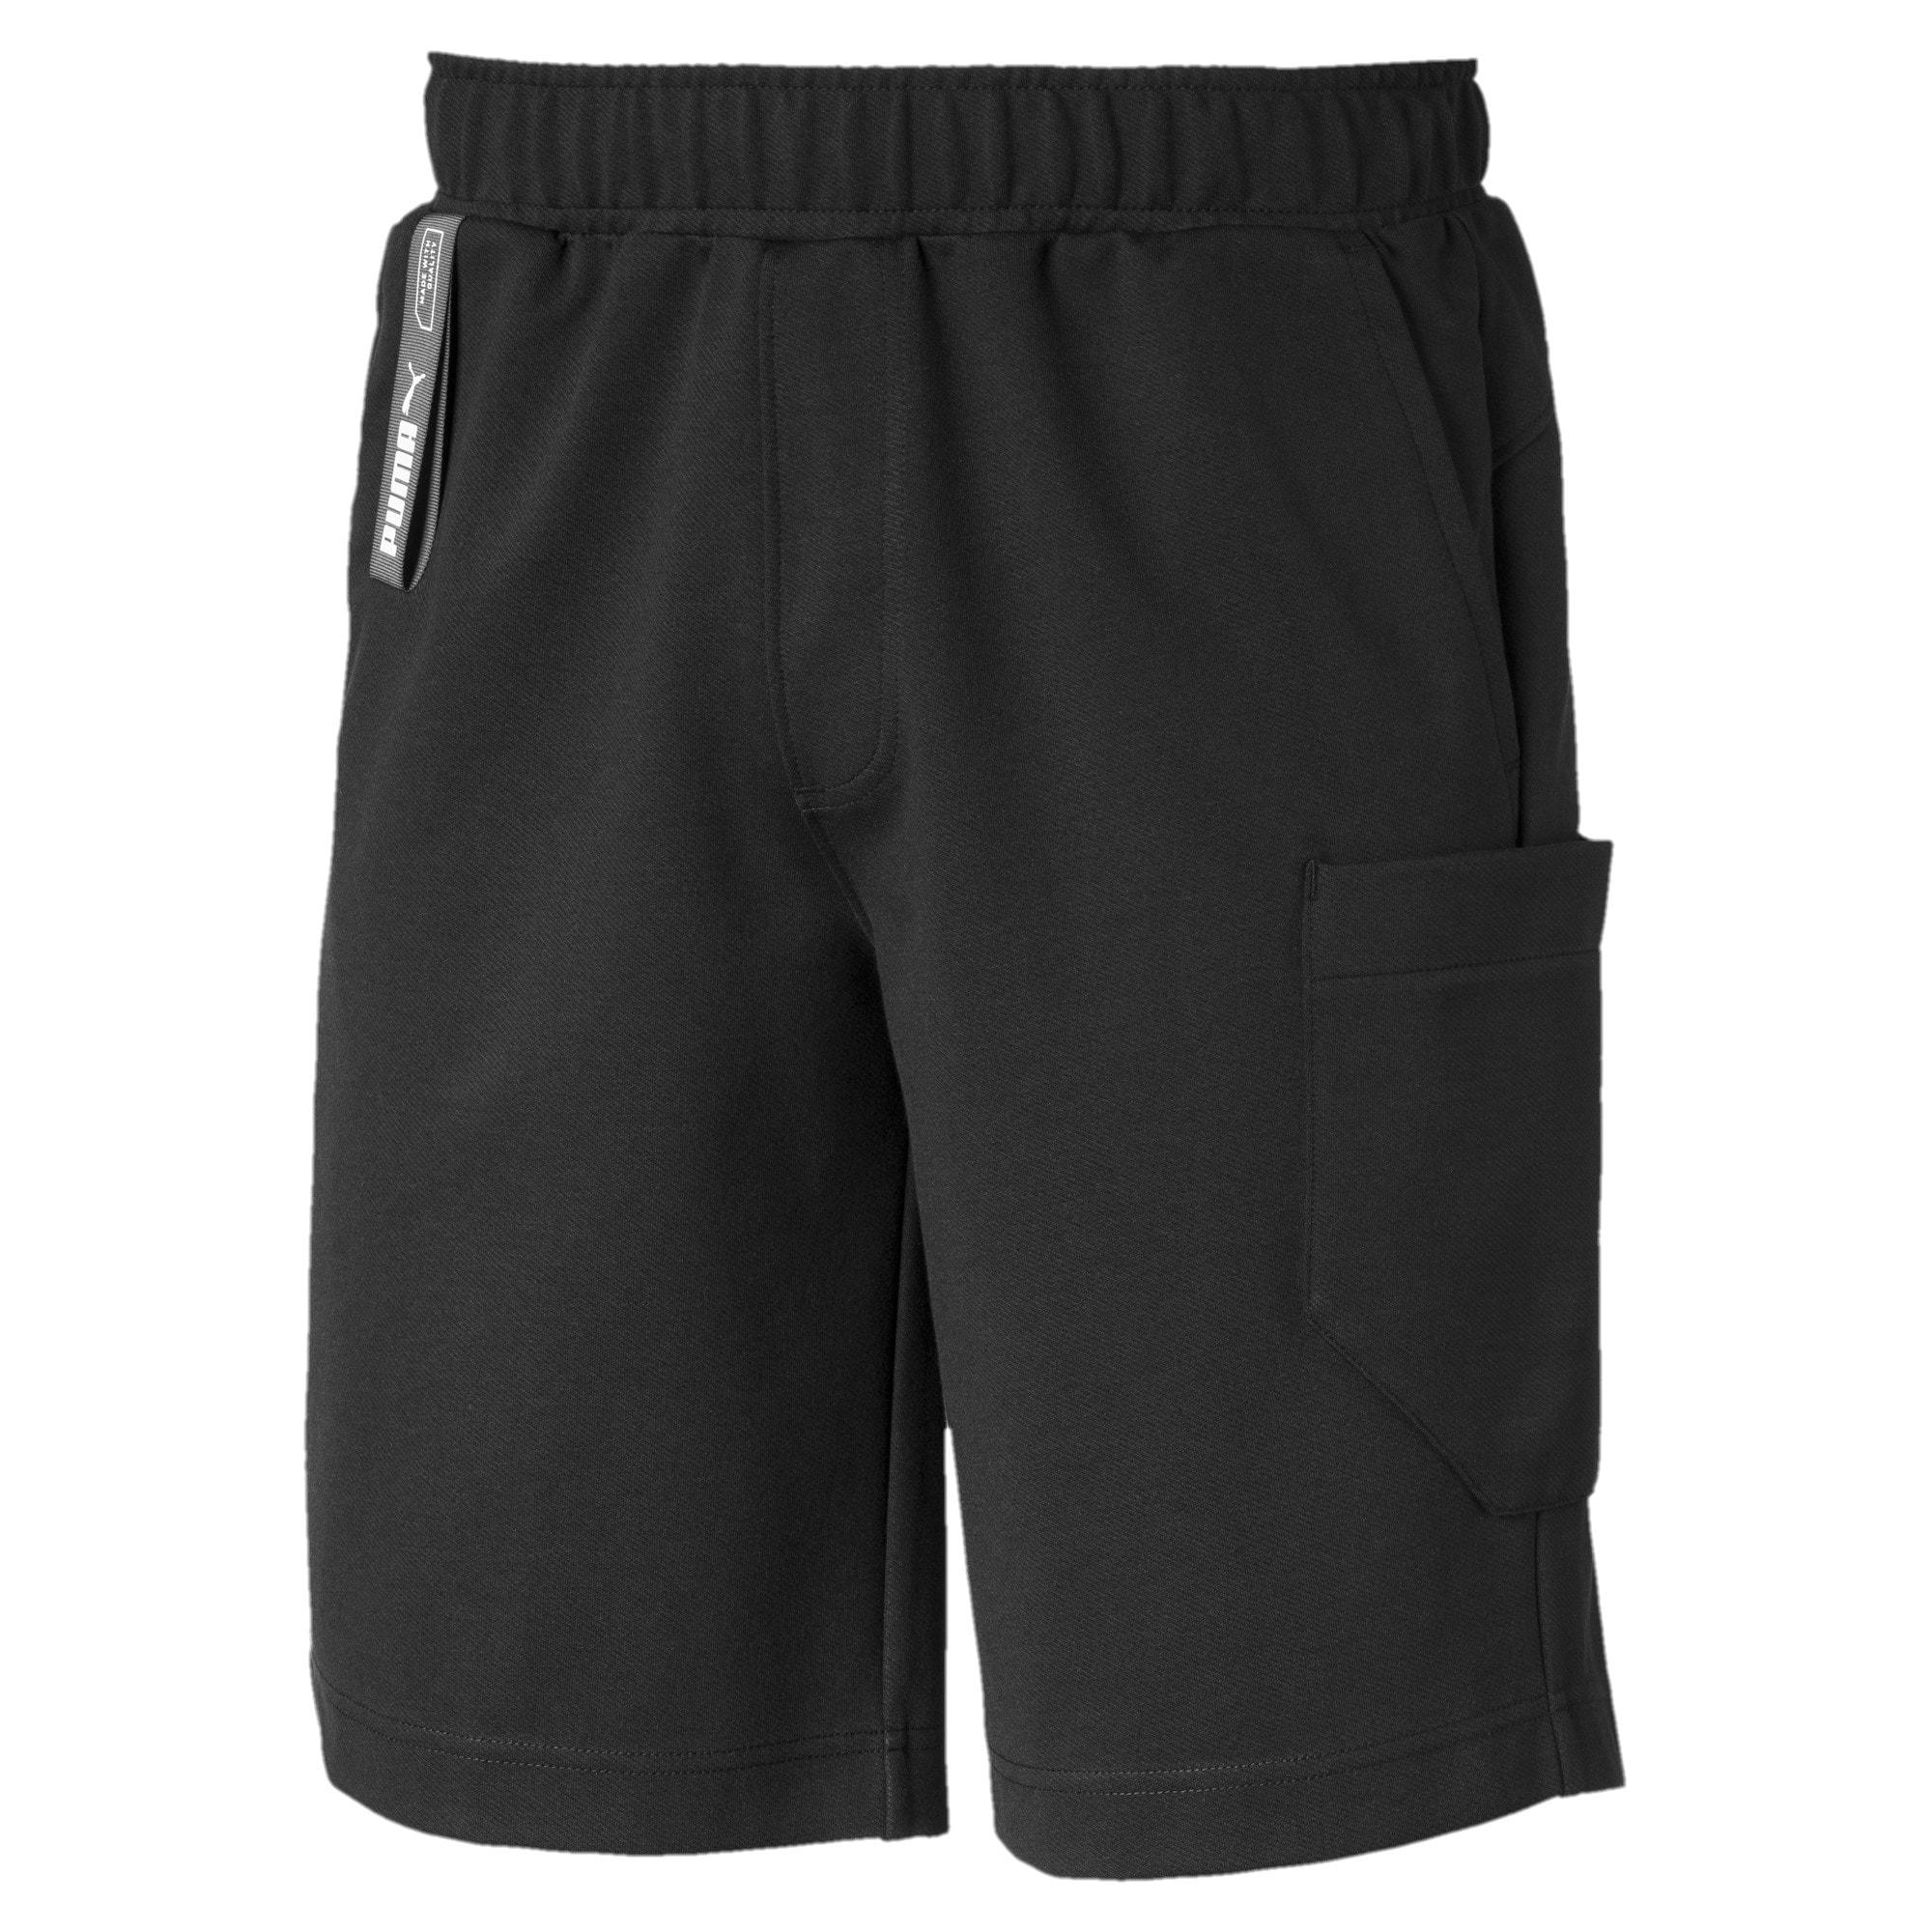 Miniatura 4 de Shorts NU-TILITY para hombre, Puma Black, mediano